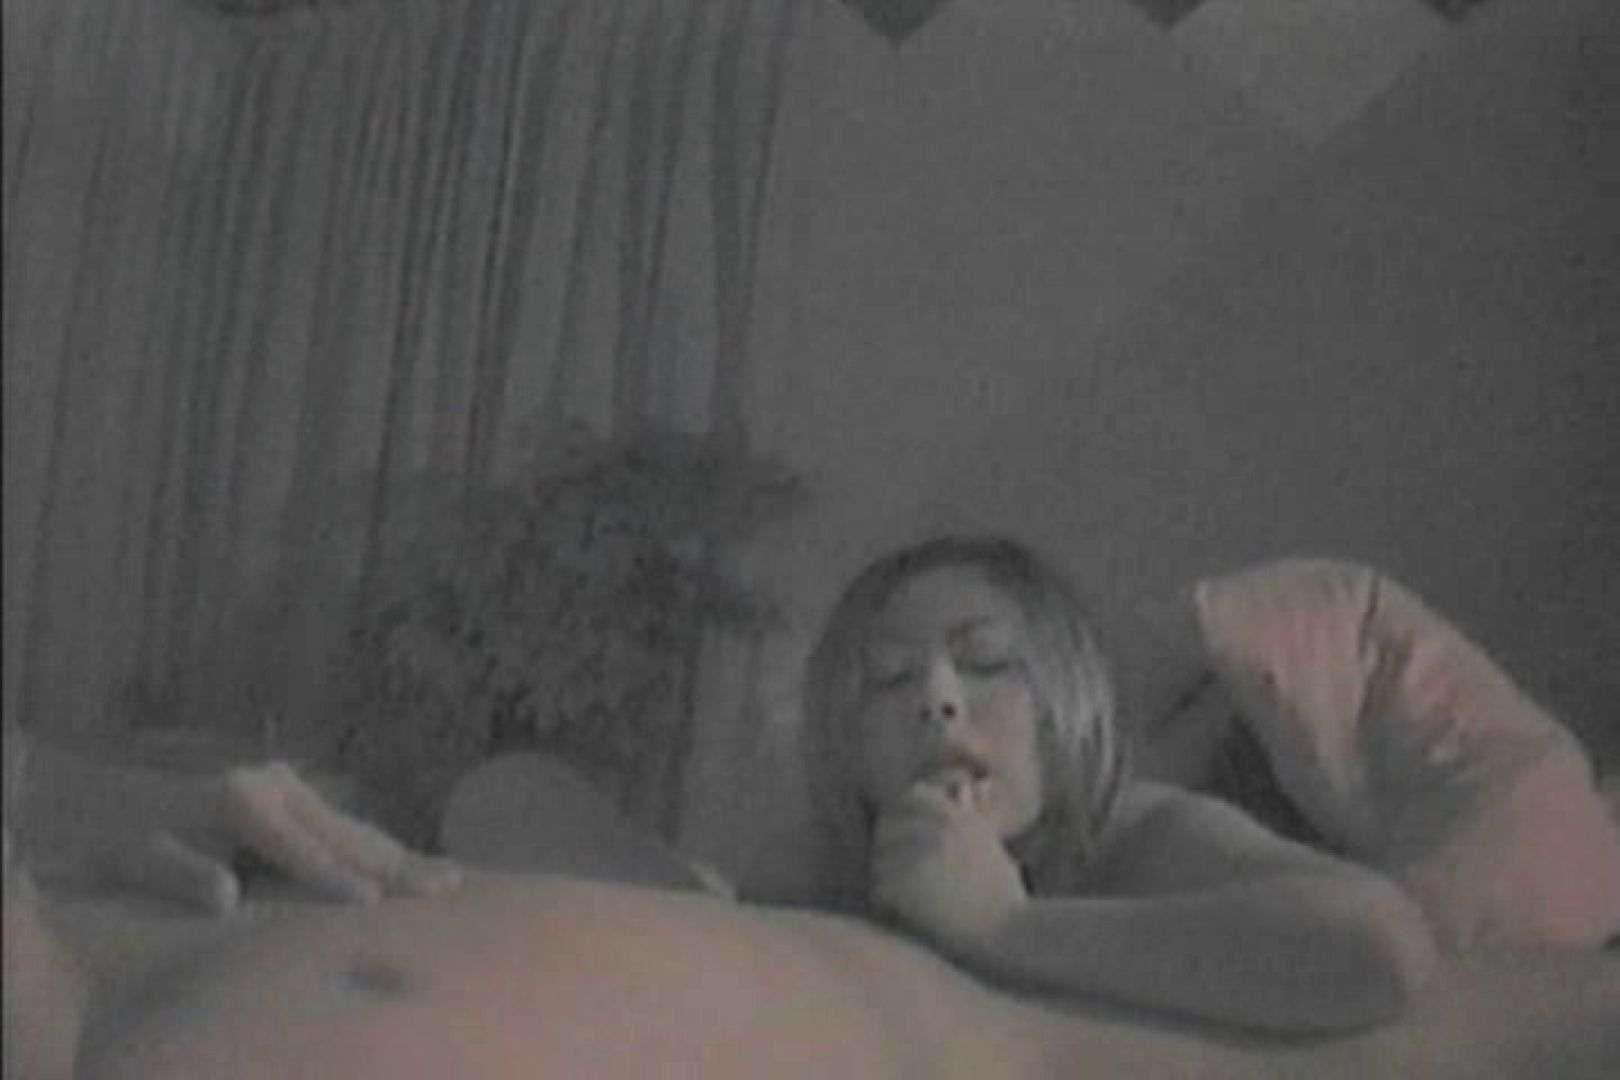 素人嬢をホテルに連れ込みアンナ事・コンナ事!?Vol.3 美女OL アダルト動画キャプチャ 94連発 10